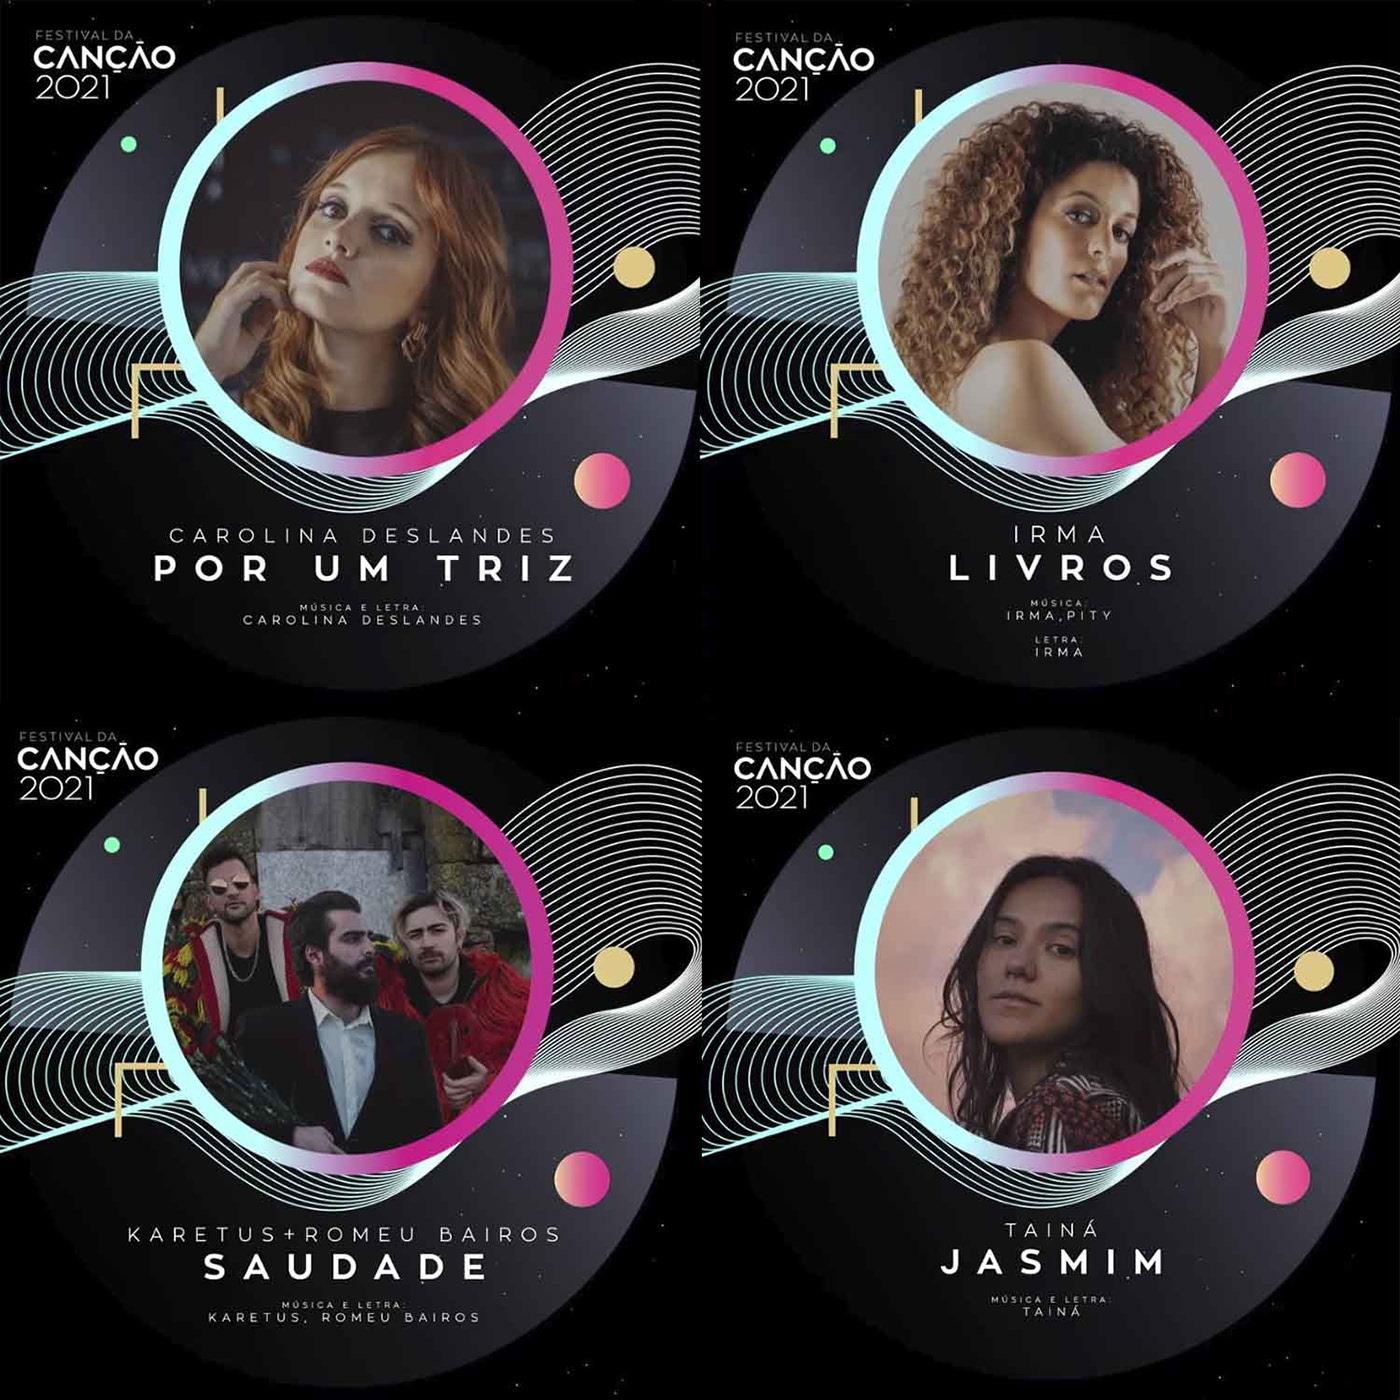 Conhecidas canções de Carolina Deslandes, Irma, Karetus e Tainá para o Festival da Canção 2021